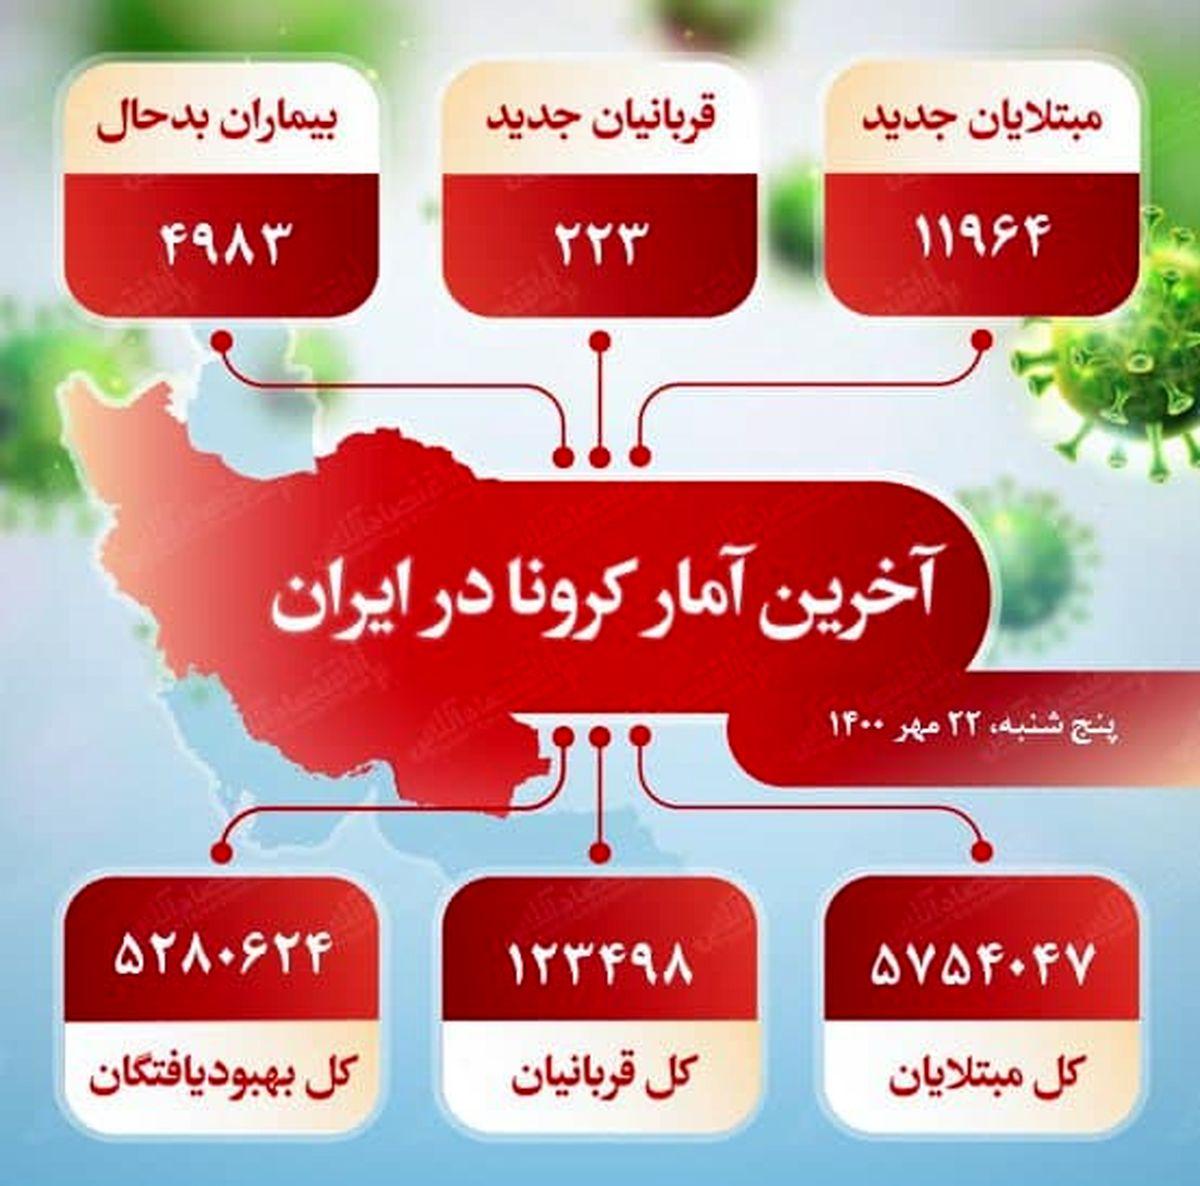 آخرین آمار کرونا در ایران (۱۴۰۰/۷/۲۲)